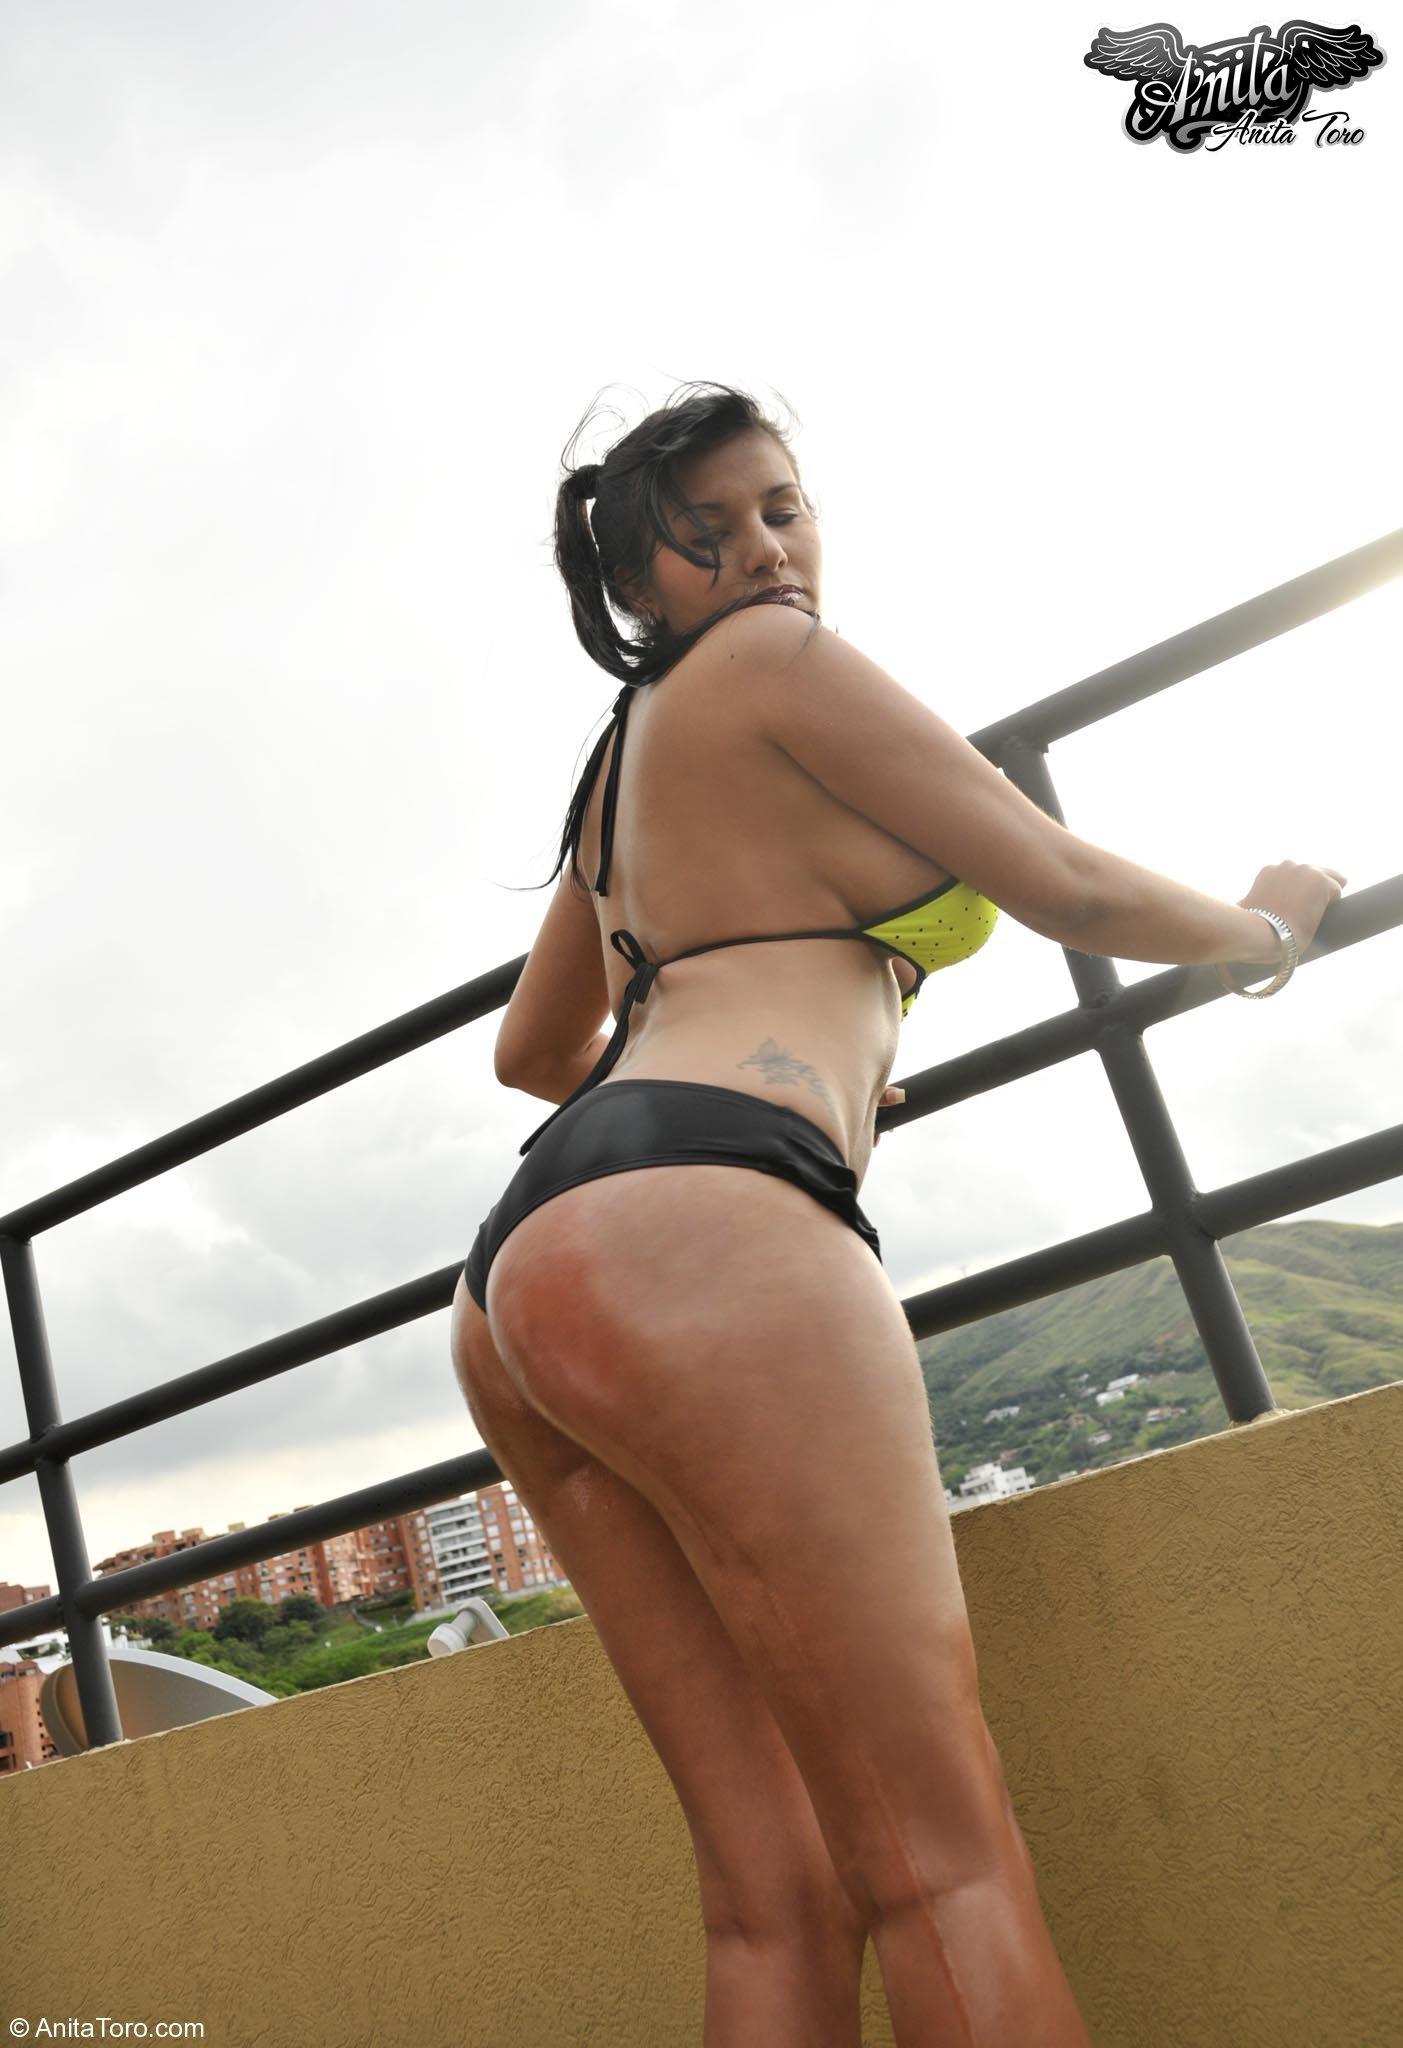 Anita Toro - Brillante y Resbalosa - Anitatoro.com